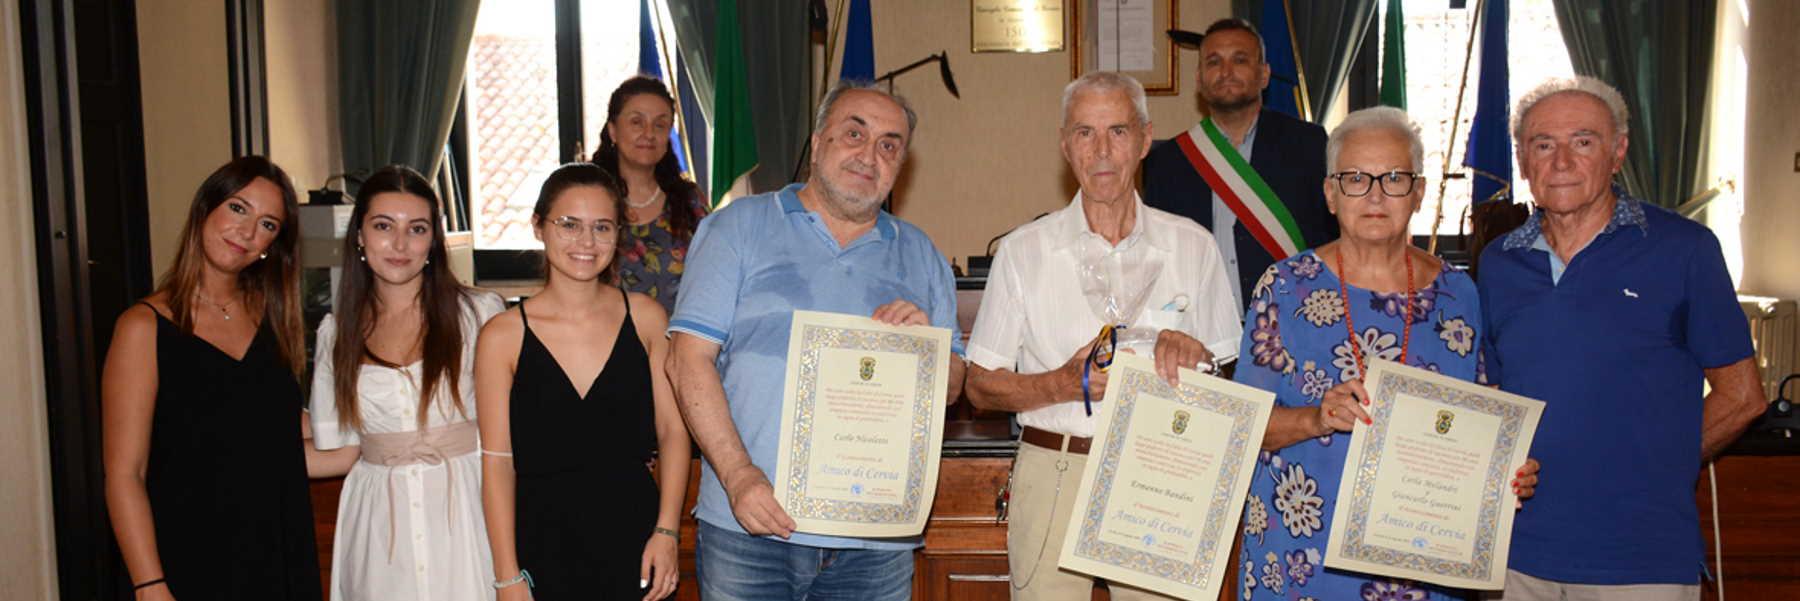 Amici di Cervia, 74 anni di fedeltà